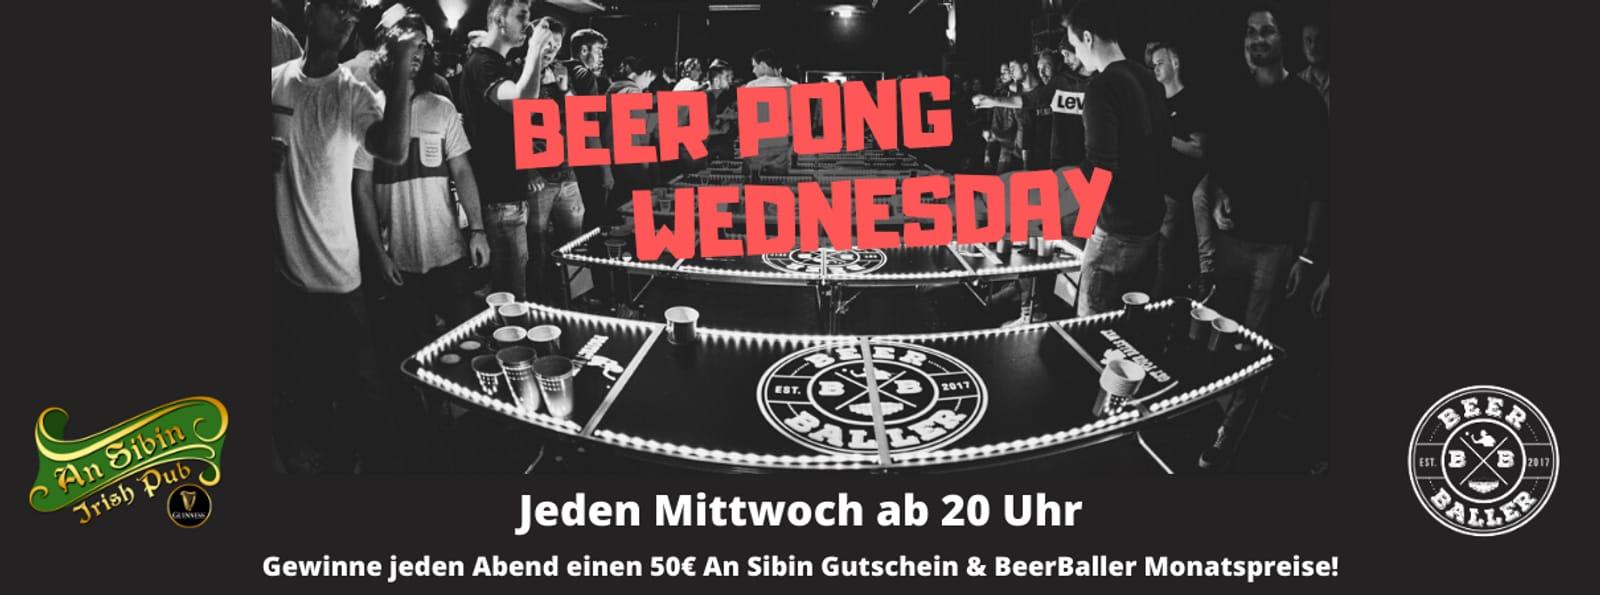 Beer Pong Darmstadt 04.03.20